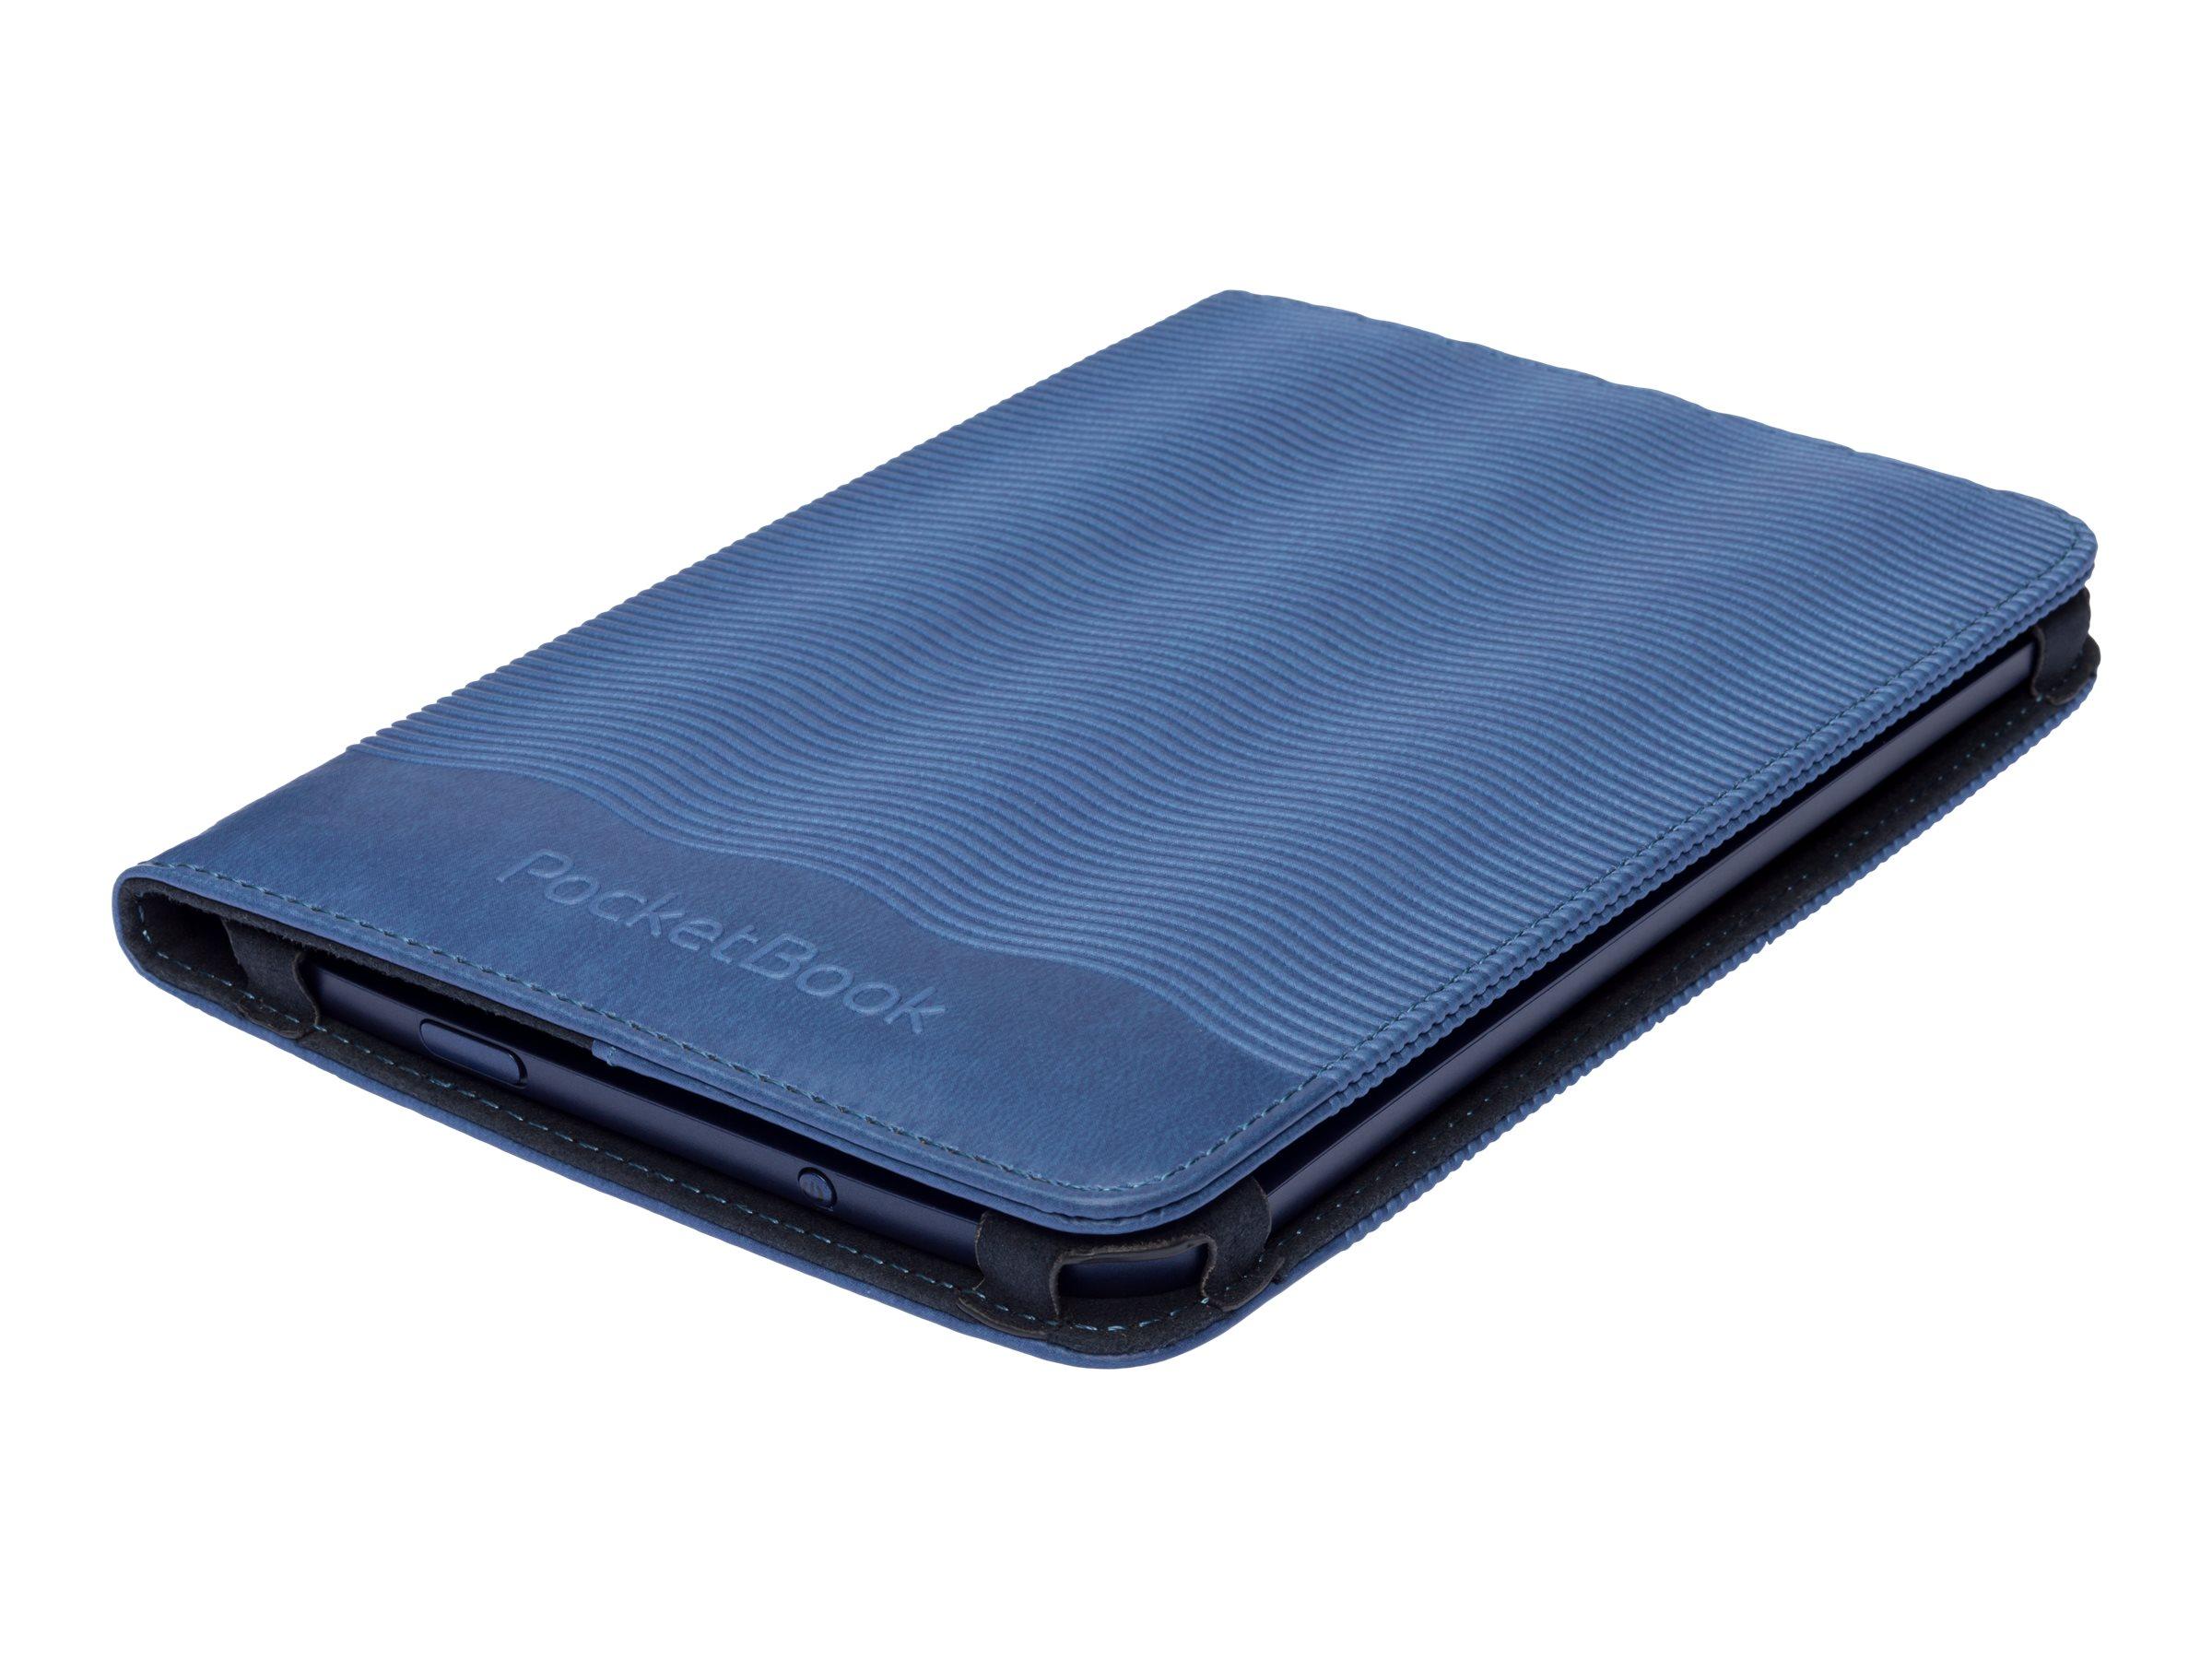 PocketBook Breeze - Flip-Hülle für eBook-Reader - Polyurethan - dunkelblau - für PocketBook 640